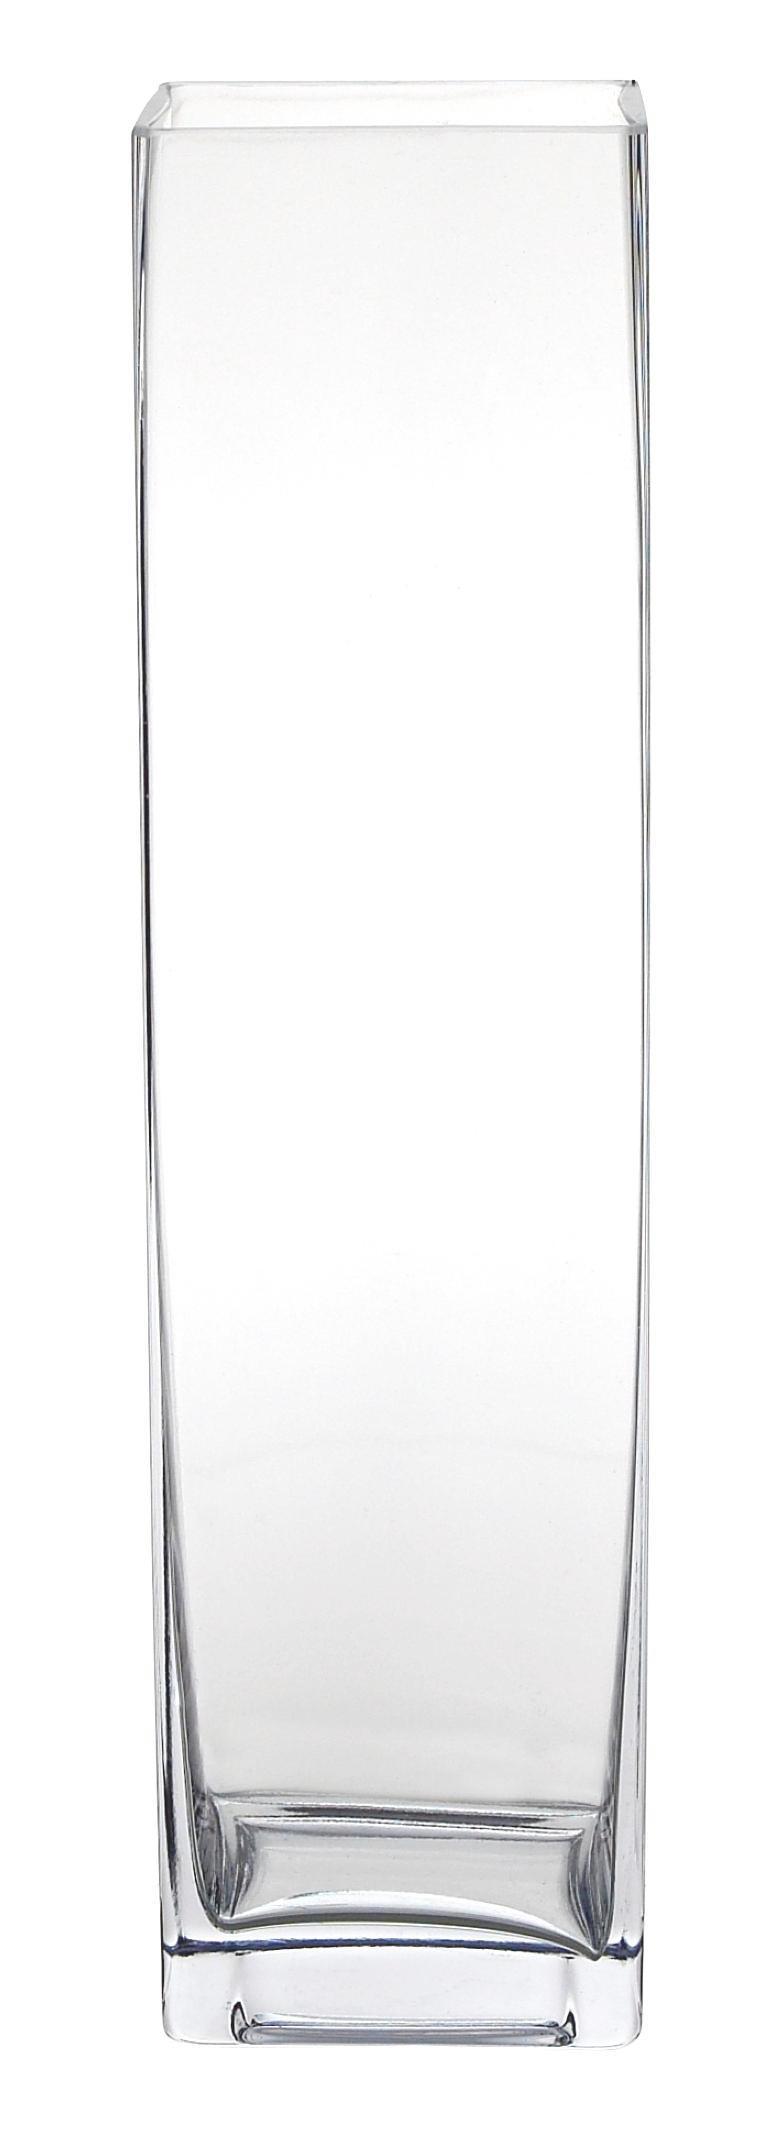 VAS - klar, Basics, glas (10/40/10cm)